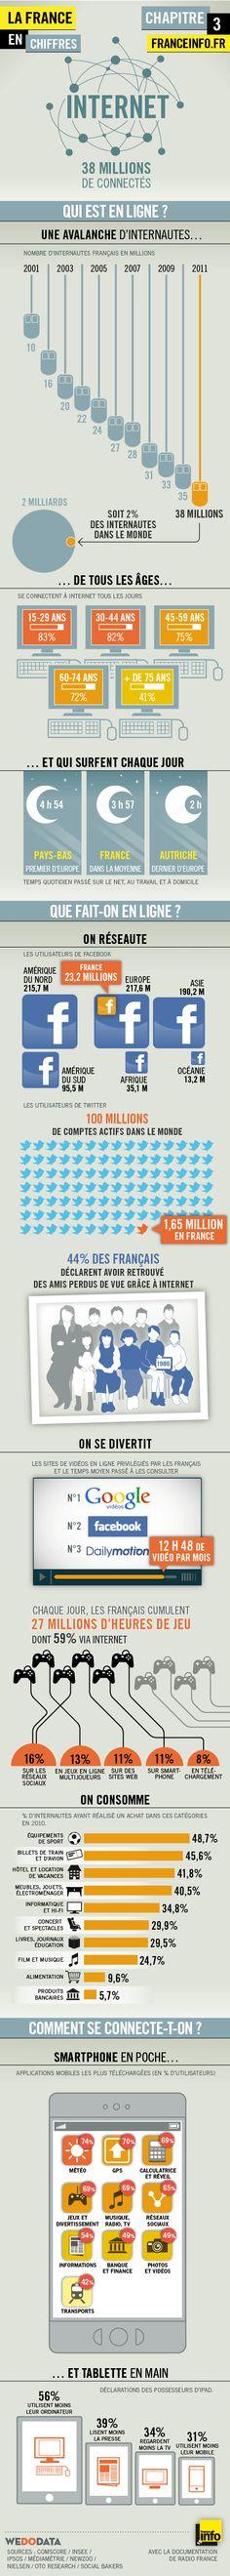 L'internet mondial en chiffres de 2011